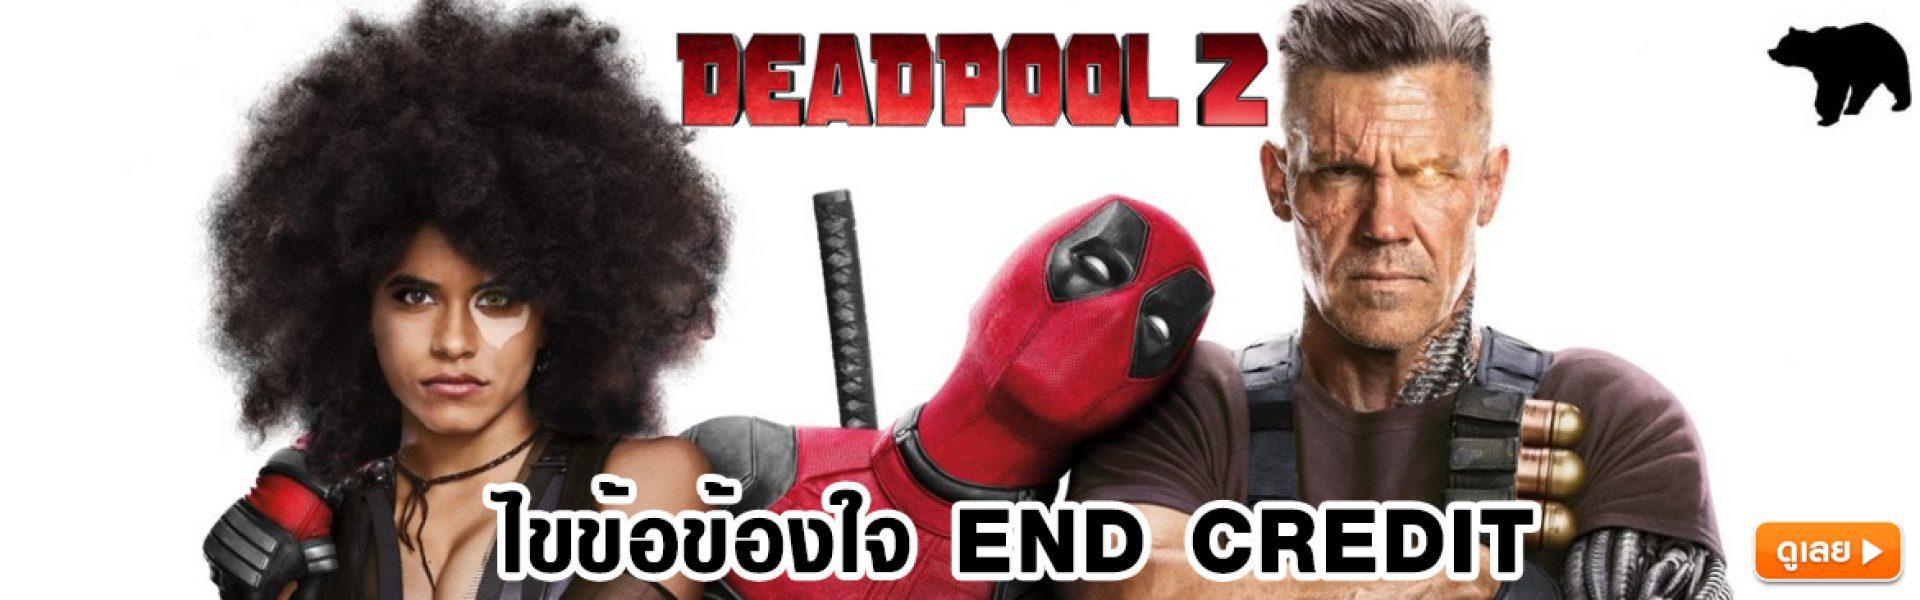 ไขข้อข้องใจ สปอย Deadpool 2